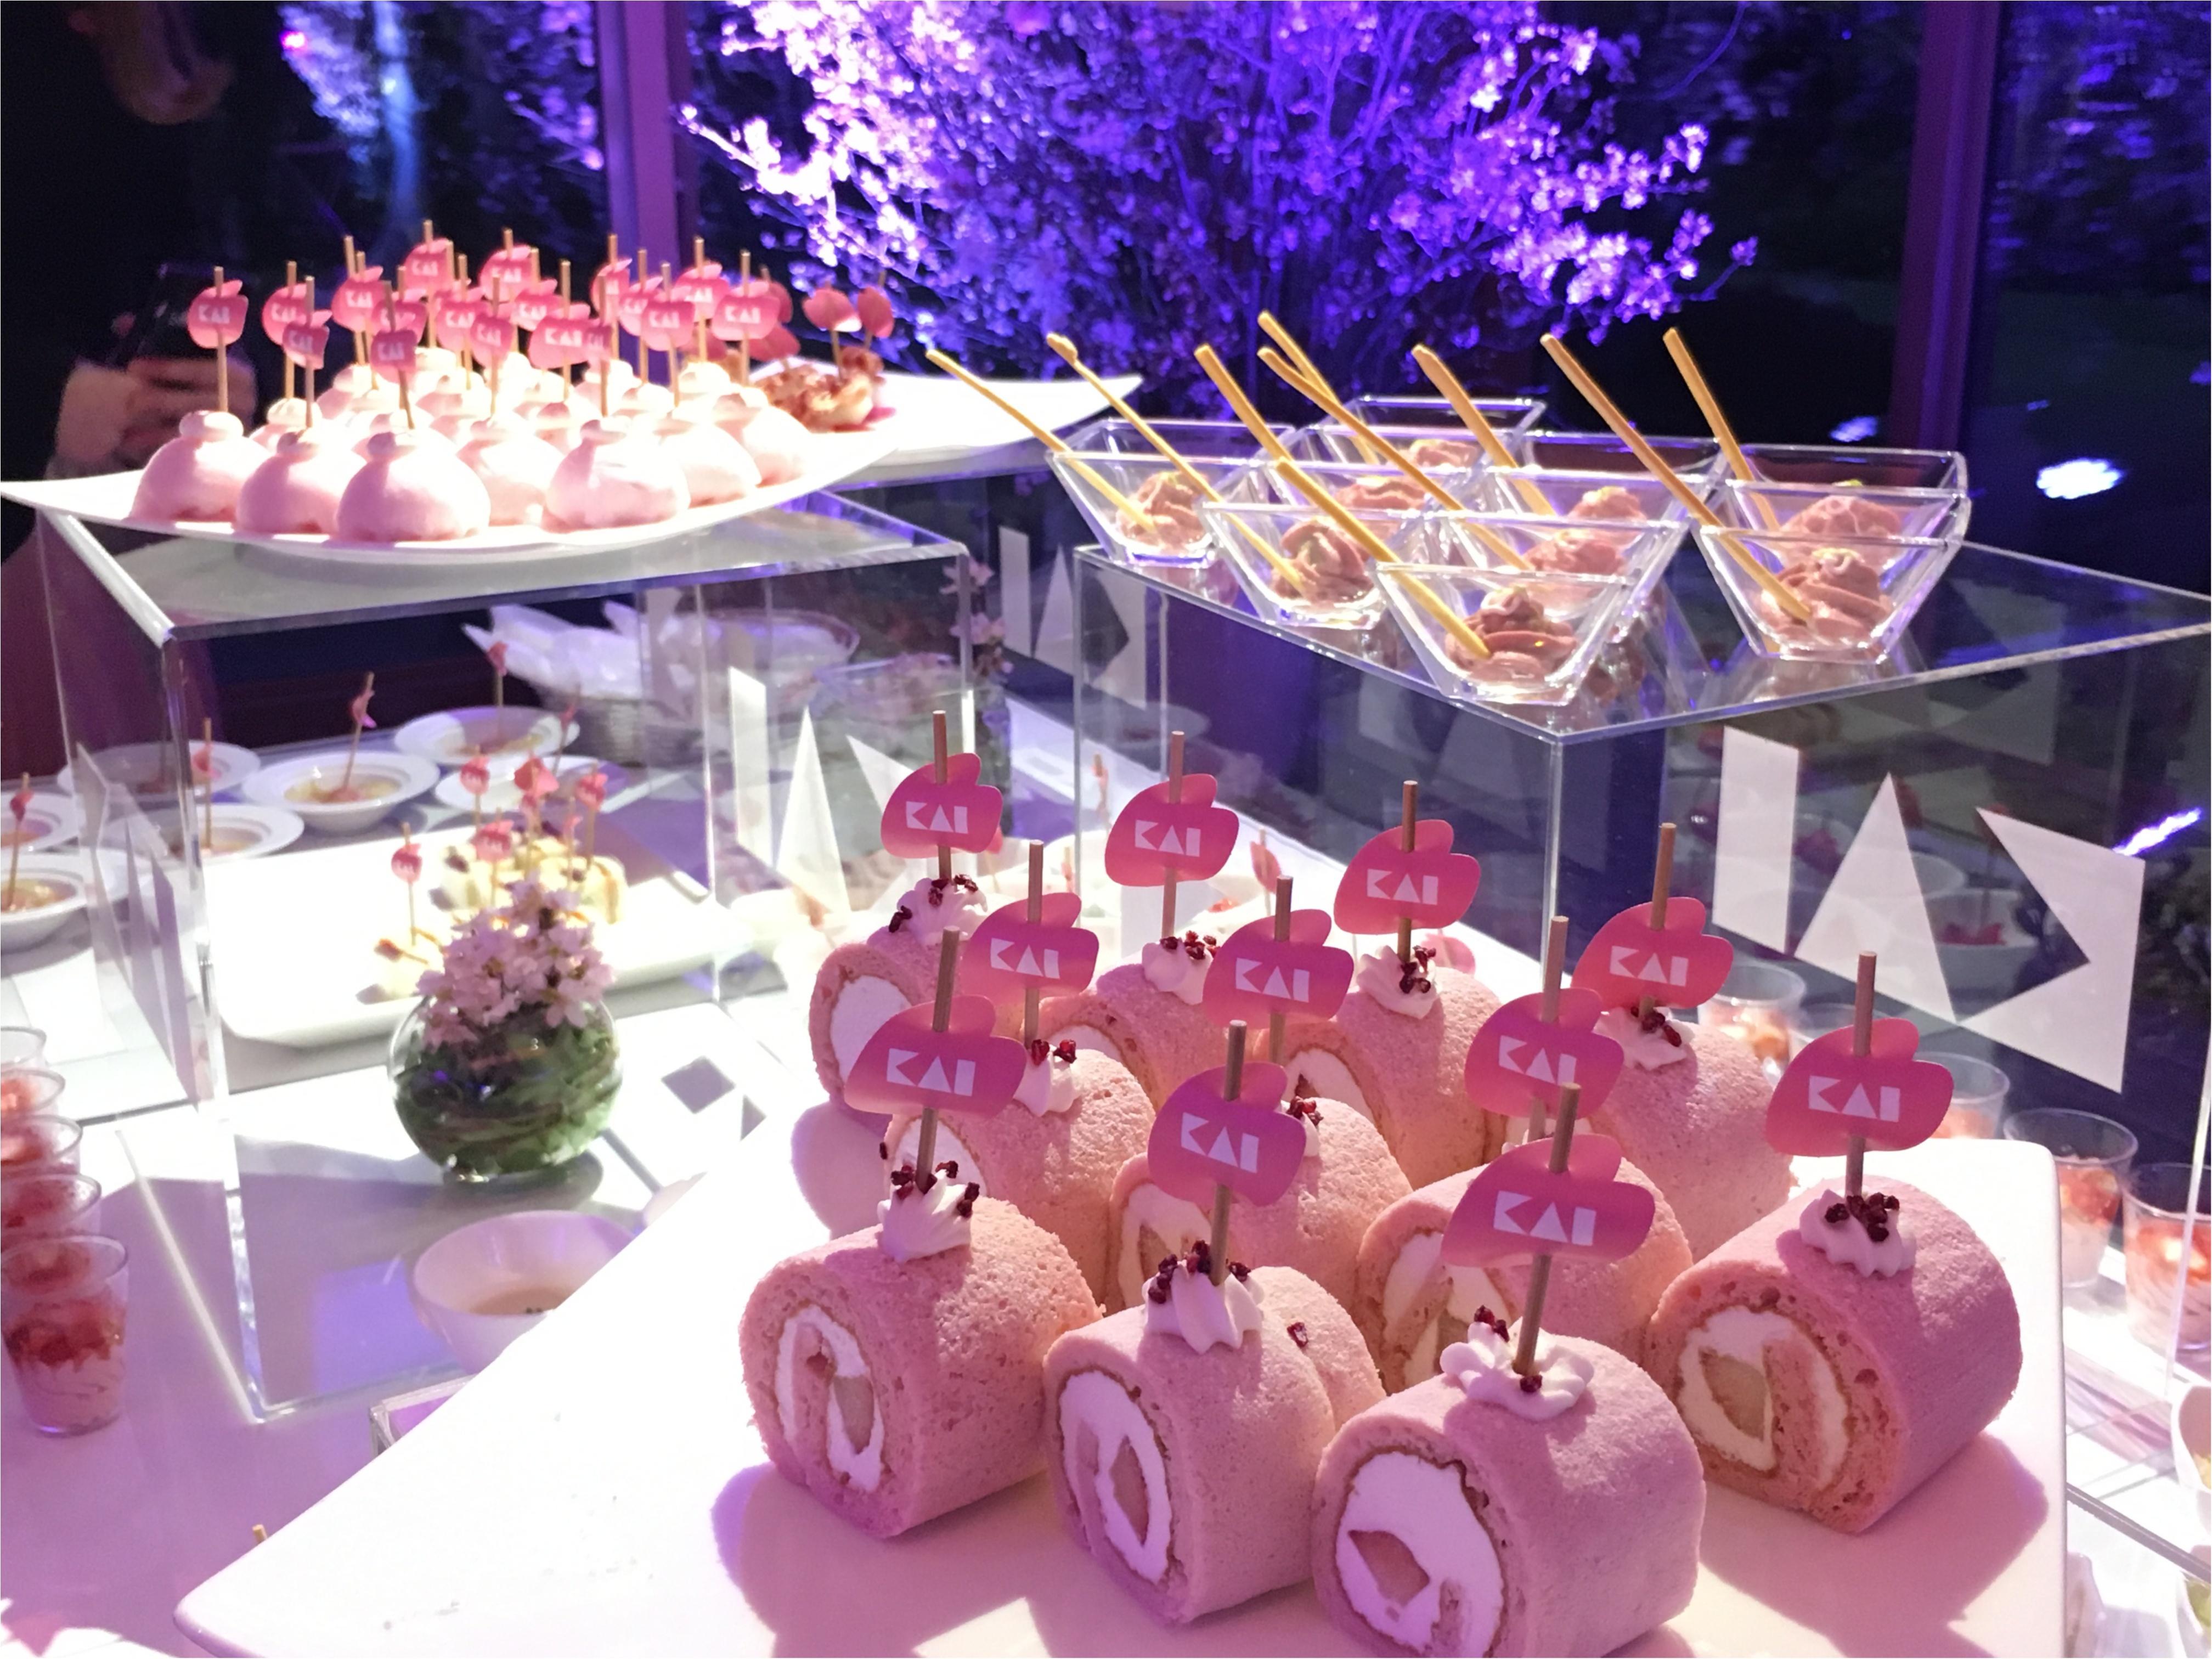 『貝印』シークレットイベント「KAI BEAUTY PARTY」にライターゆうりが潜入! そこは桜舞うスペシャルな空間♡_3